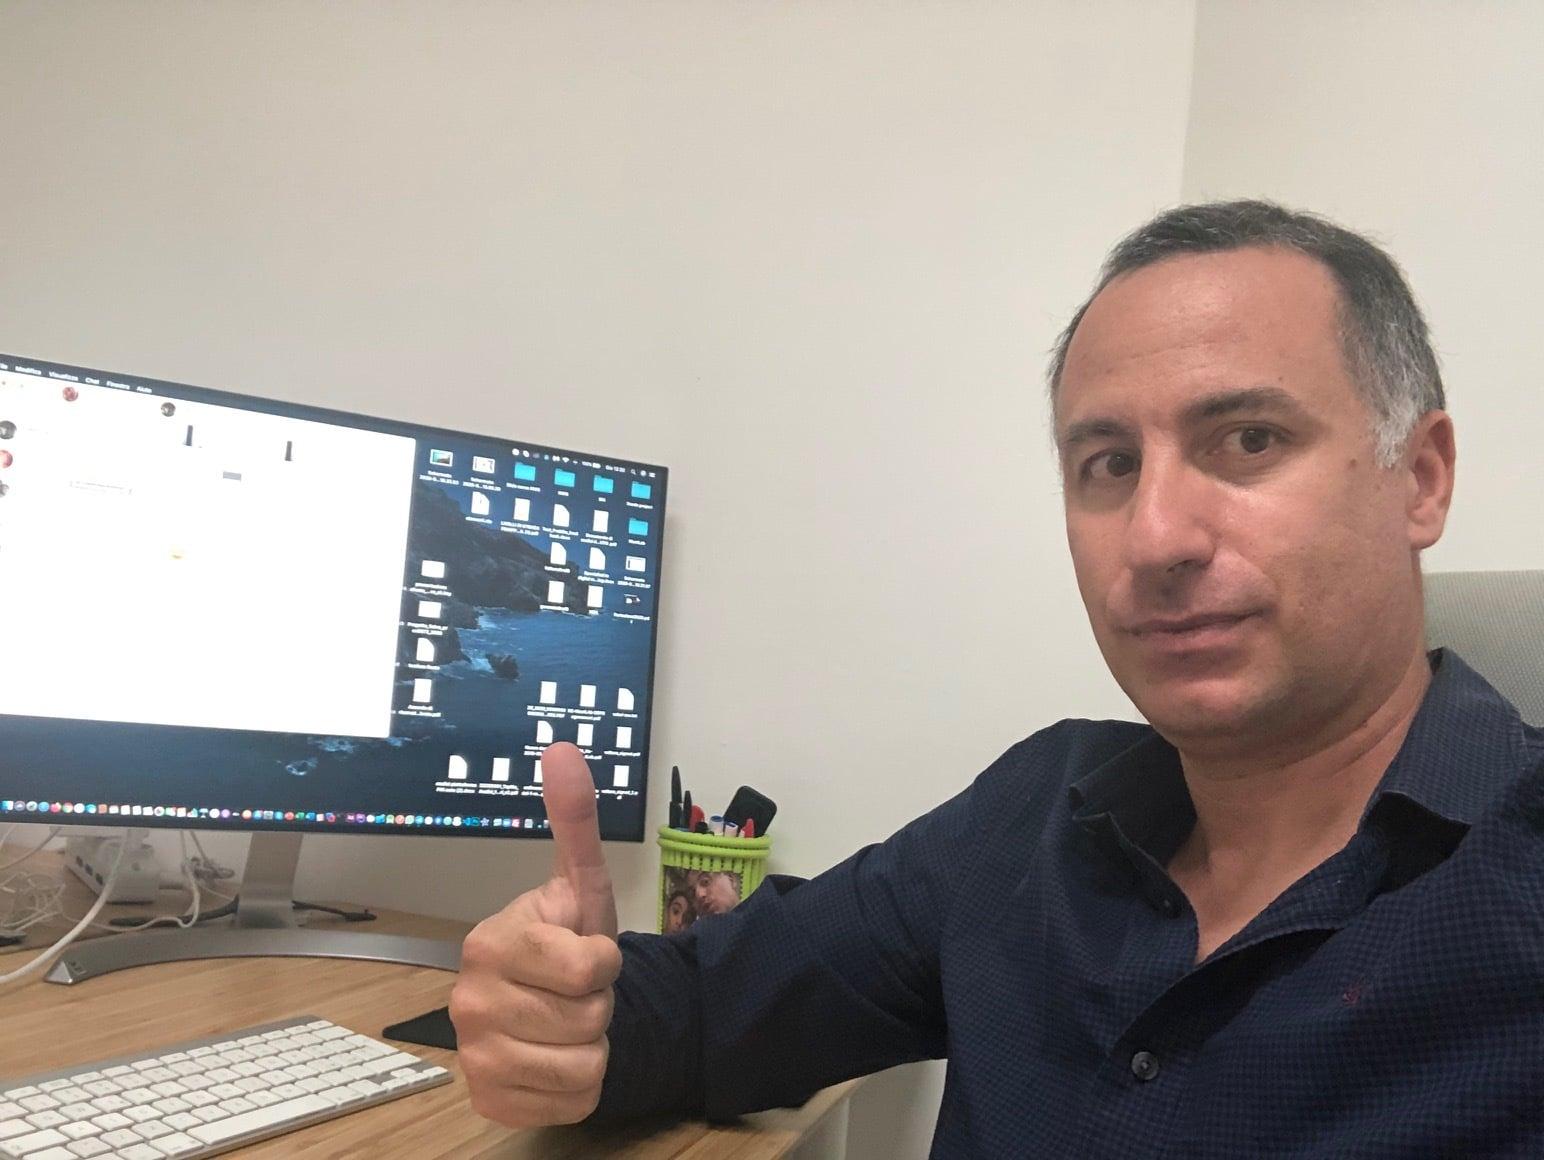 Le risposte del Professionista alle tue domande - Dario Esente - Informatico a Milano.